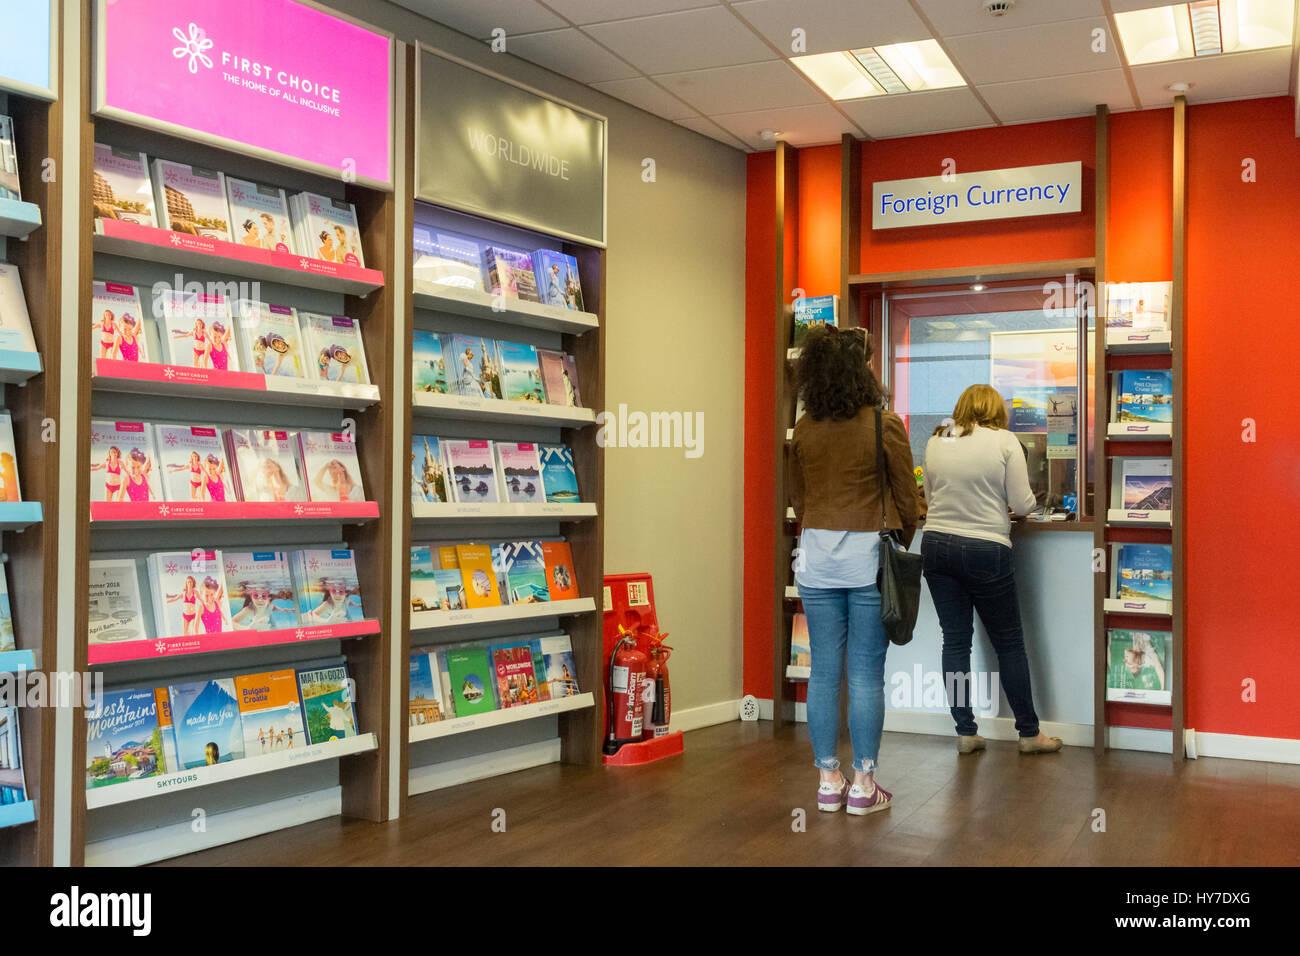 Thomson ausländische Währung Austausch Reisen Geld Reisebüro Geschäft innen innen Stockbild